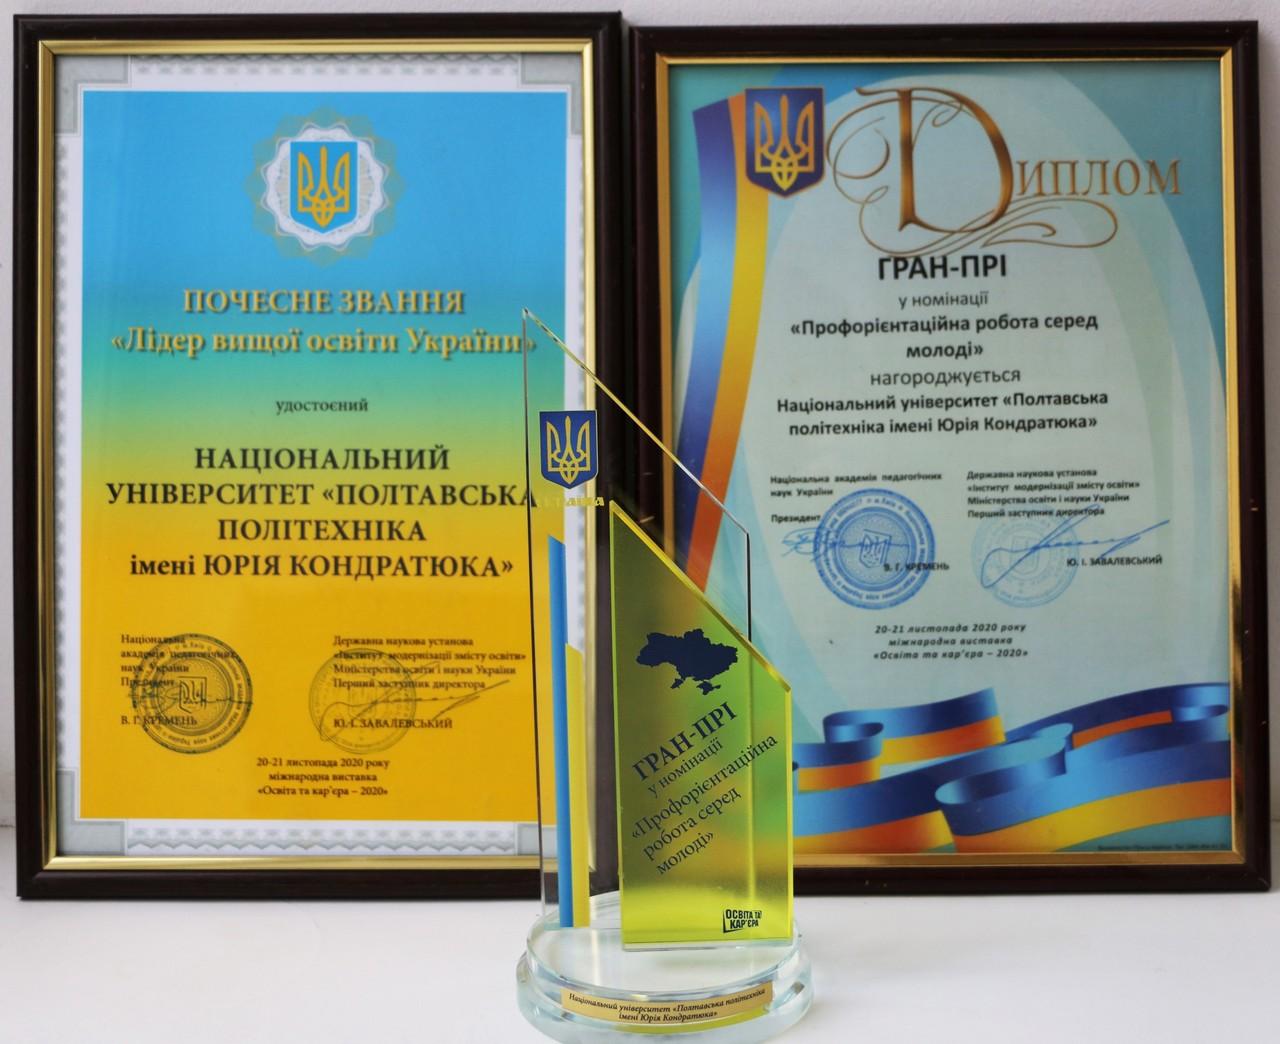 «Освіта та кар'єра-2020»: Полтавська політехніка нагороджена Гран-прі і визнана лідером вищої освіти України